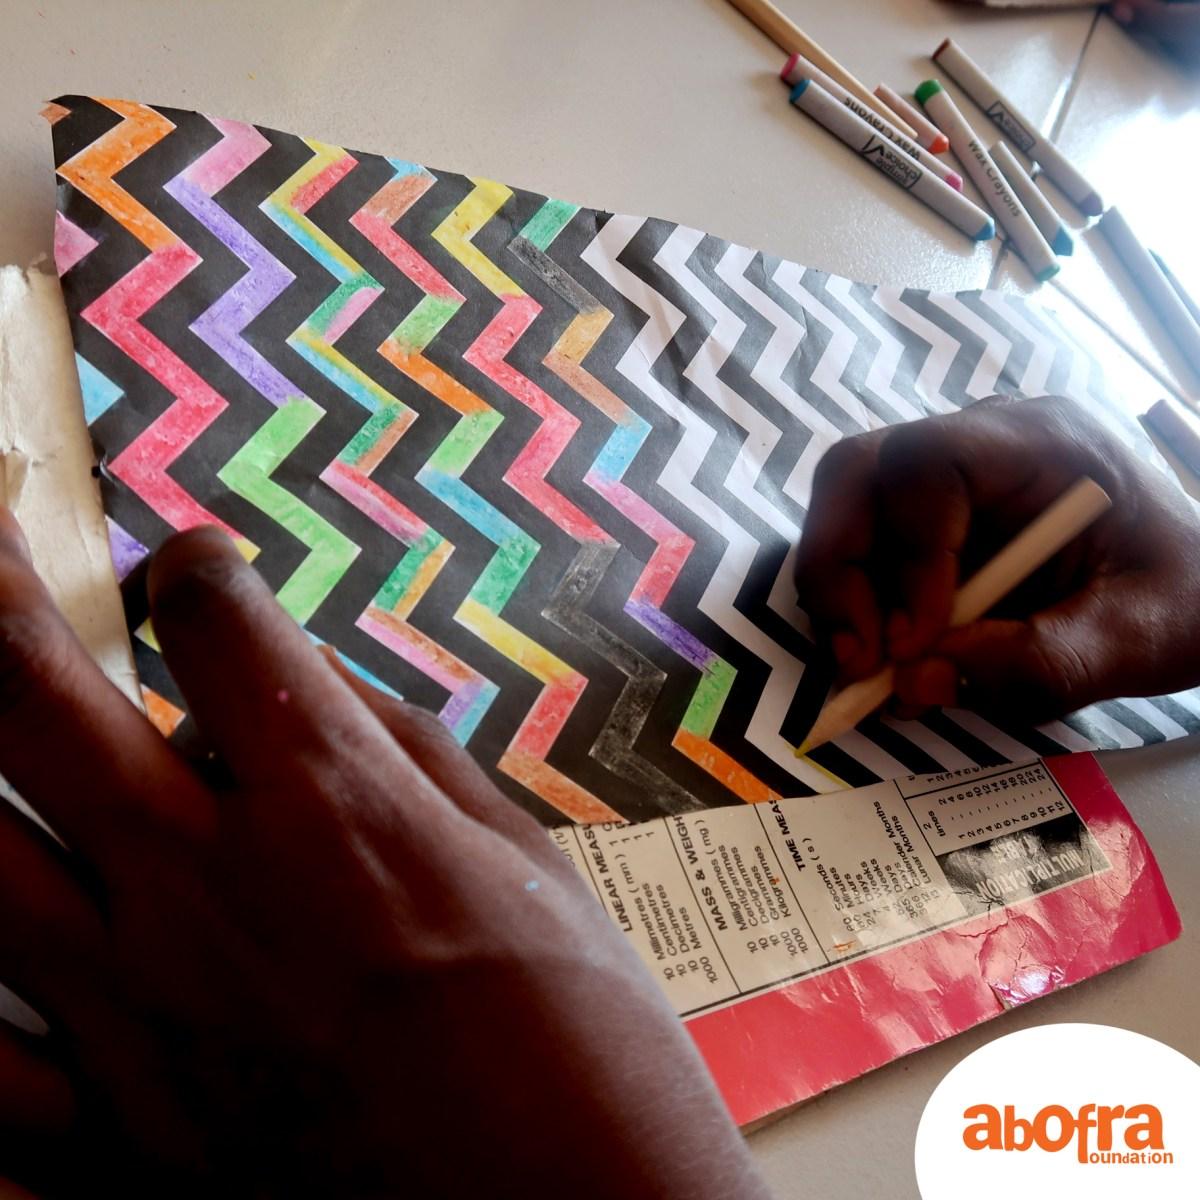 abofra-art3